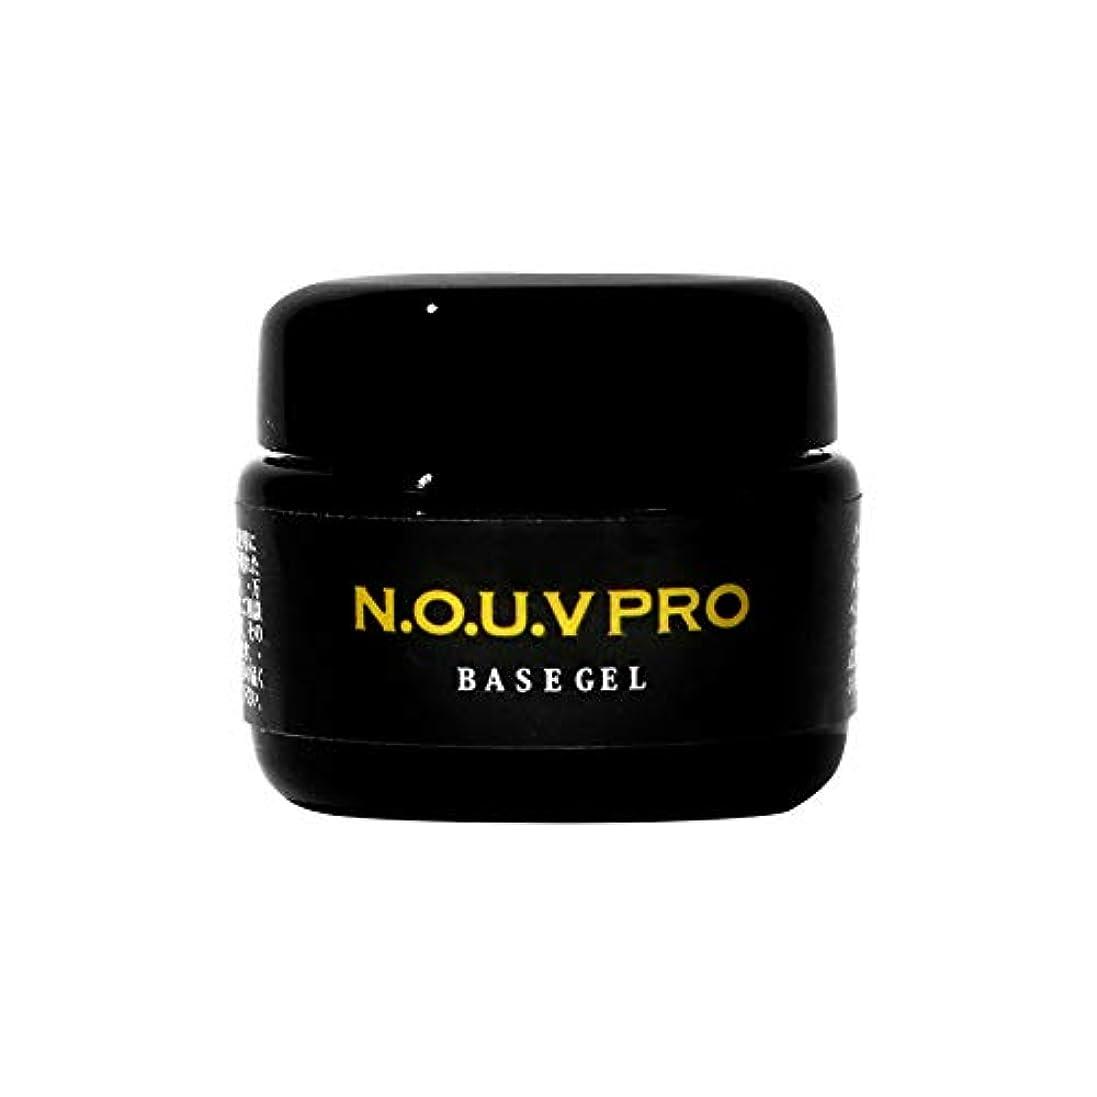 がっかりした名前を作る比喩NOUV PRO(ノーヴプロ)ベースジェル 10g